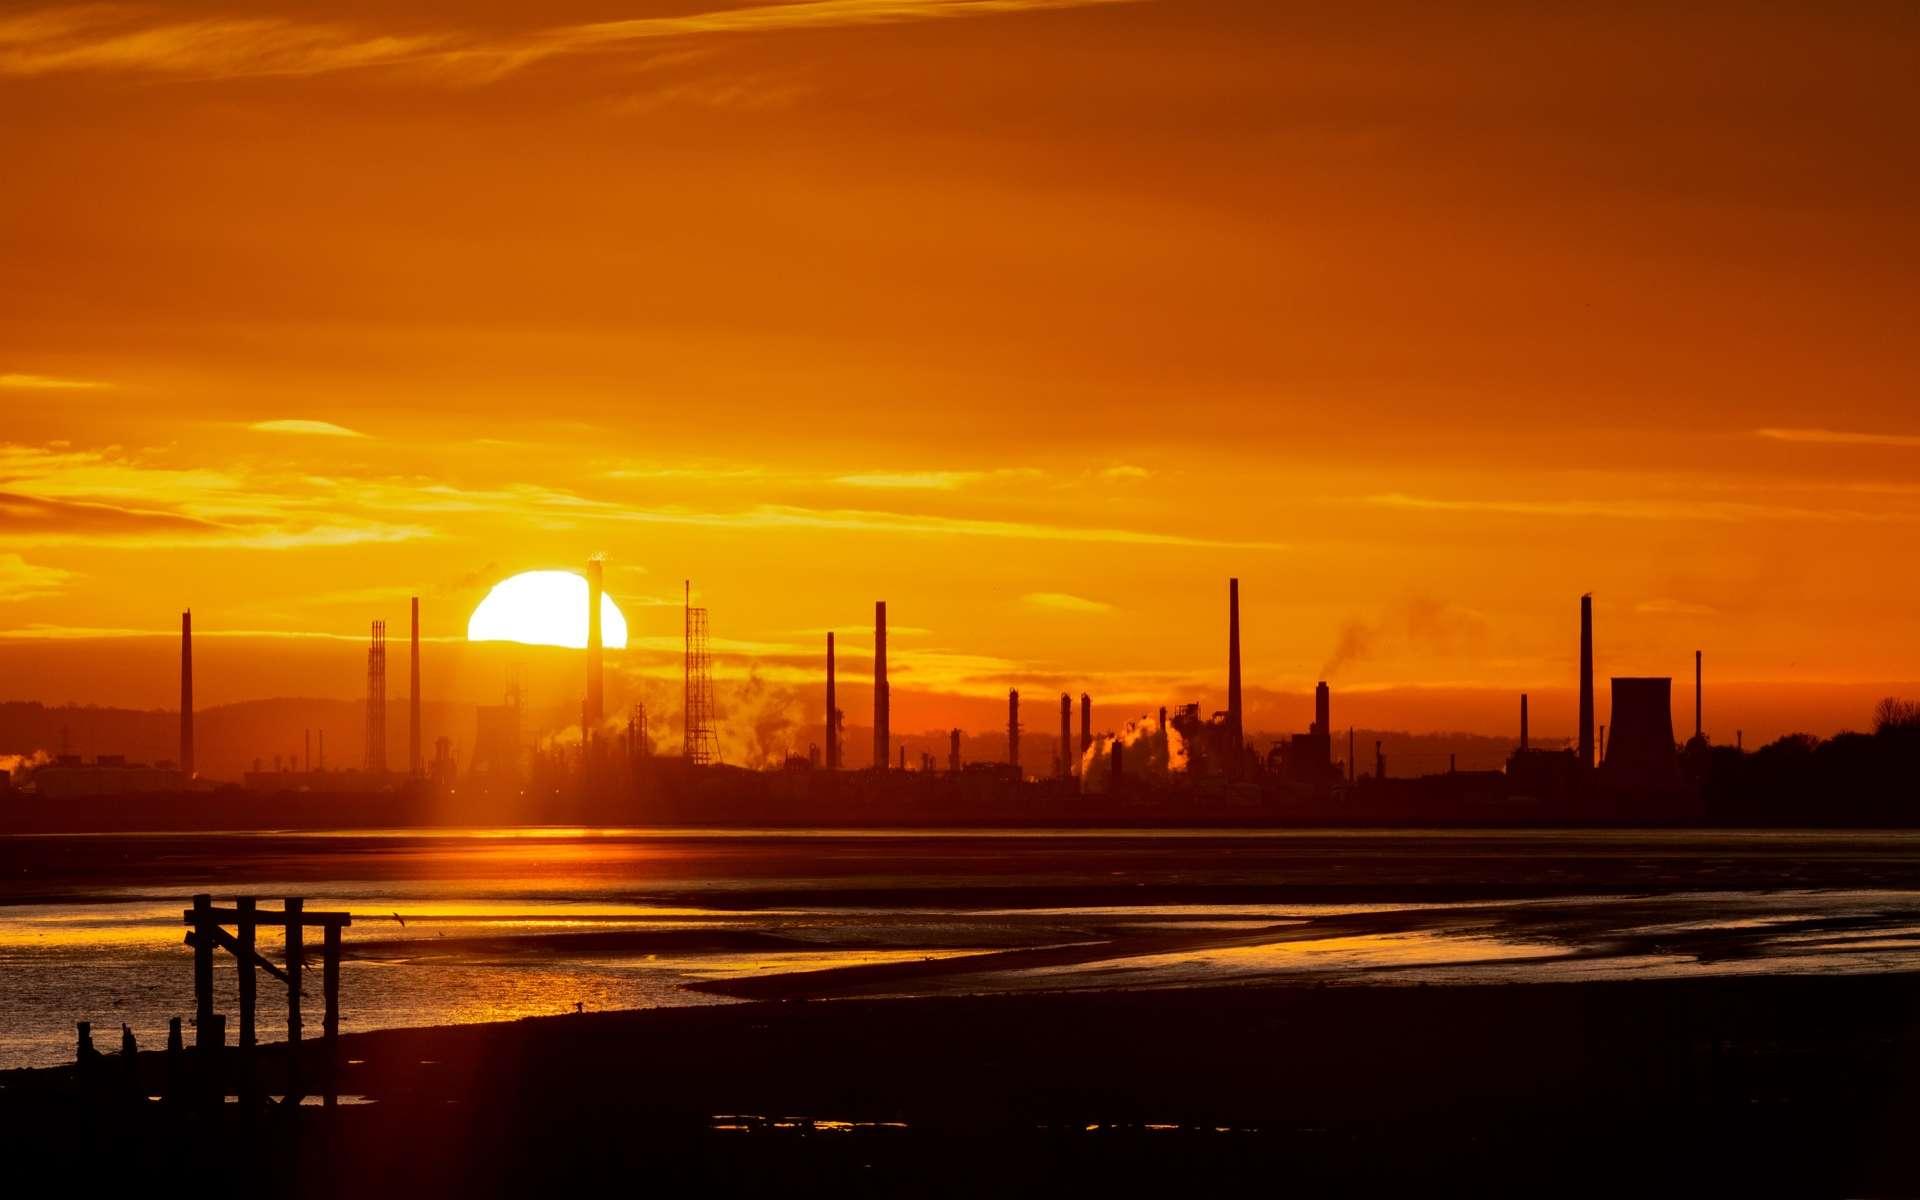 La baisse des émissions de gaz à effet de serre due à la pandémie de Covid-19 aura un effet « négligeable » et la Planète va vers un réchauffement de 3 °C. © fstopphotography, Adobe Stock